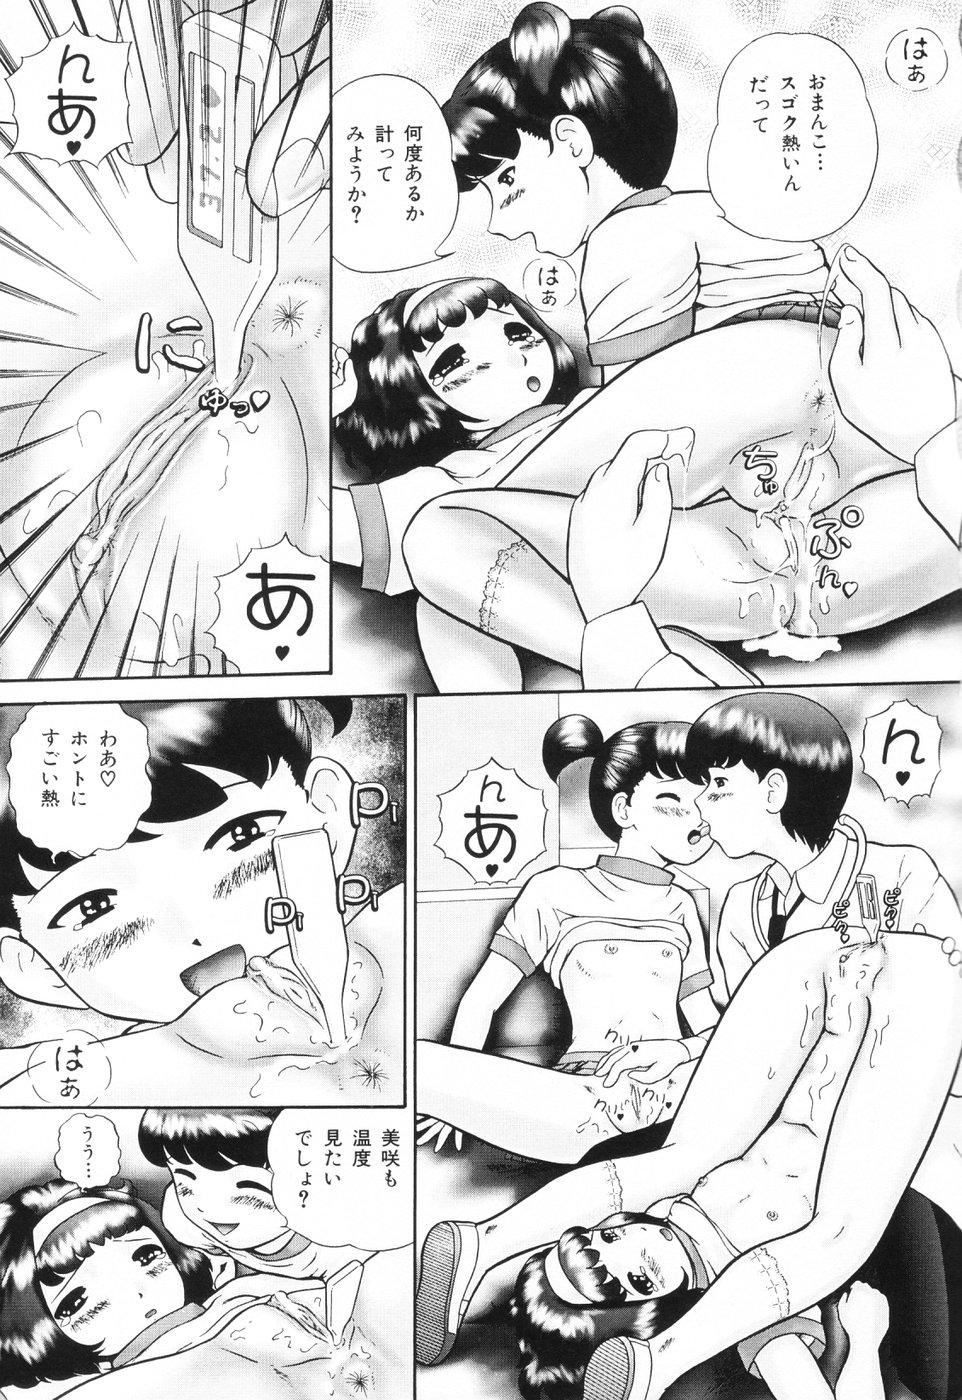 Koneko Genki!! - Powerful Pussycat!! 46